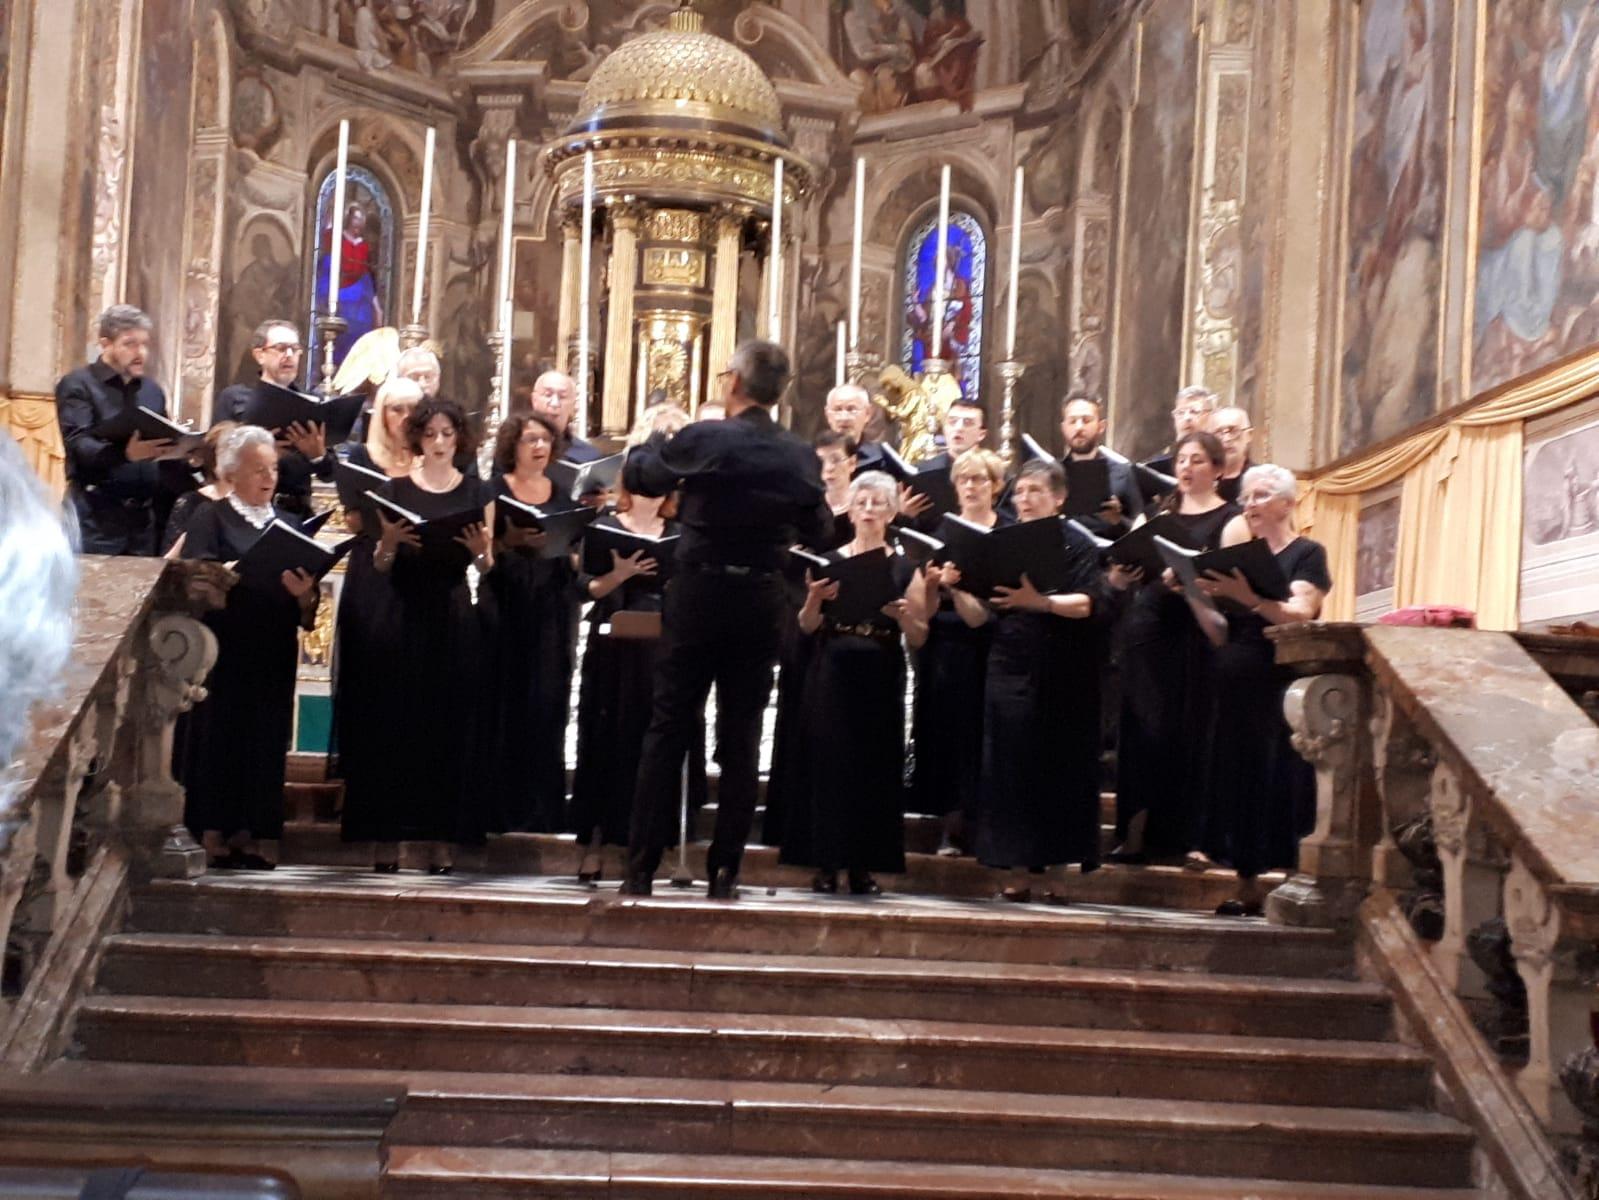 La Chiesa non può essere il luogo adatto a musiche profane